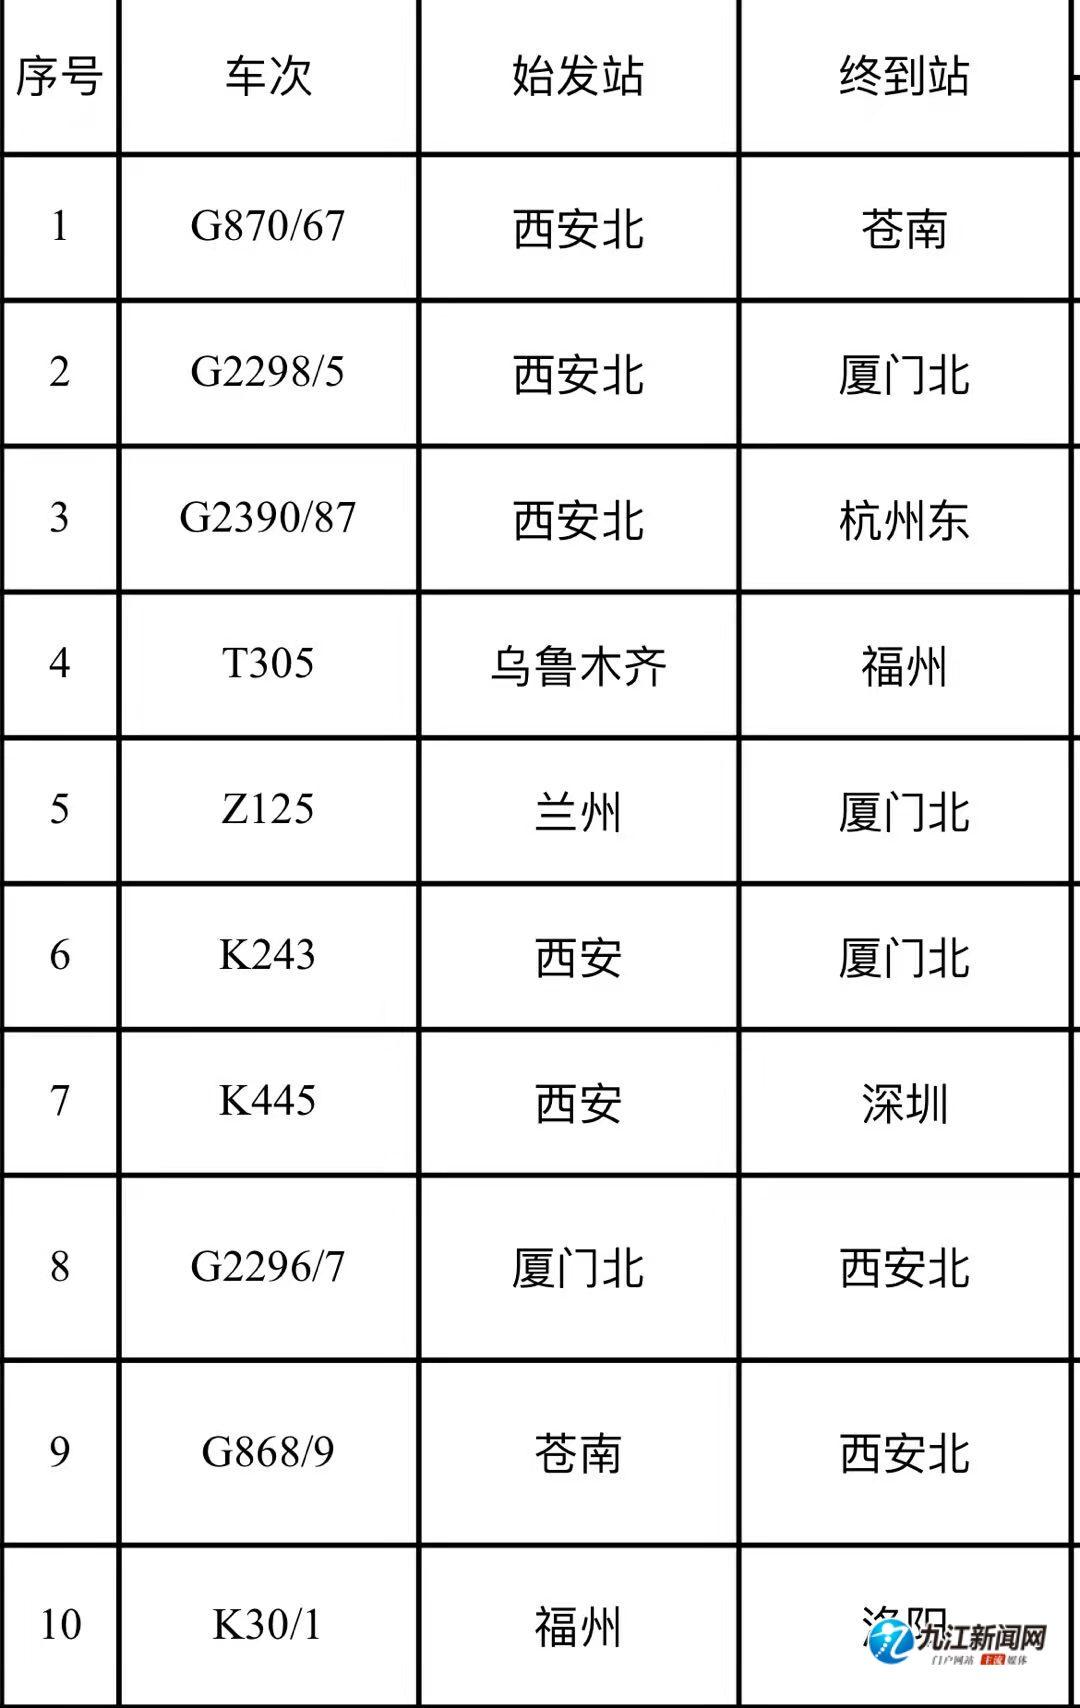 受河南暴雨影响 九江一趟列车暂时停运 其他列车不同程度晚点